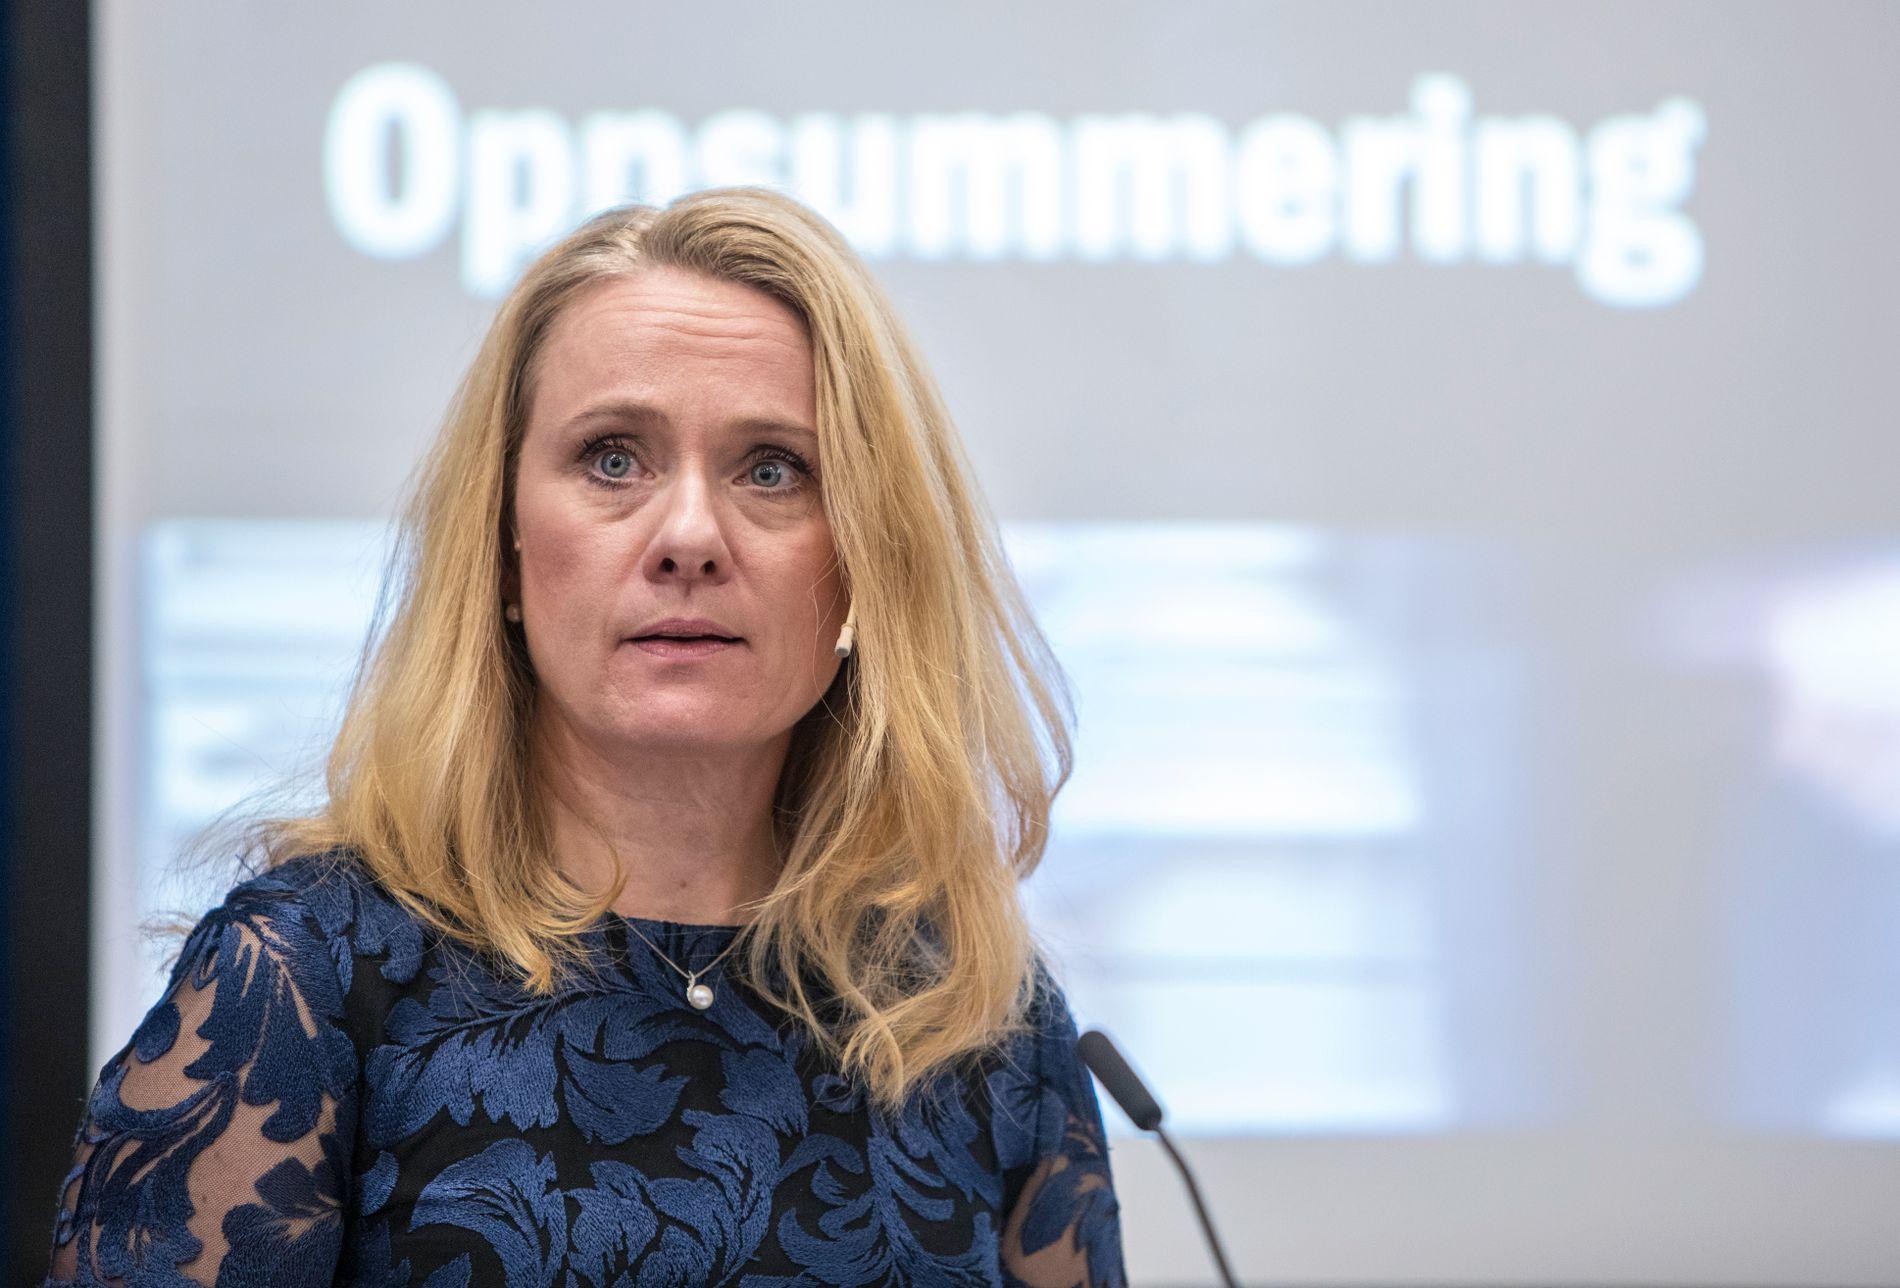 Arbeids- og sosialminister Anniken Hauglie (H) ser ikke noe annet valg enn å stanse sykehusstreiken med tvungen lønnsnemnd.